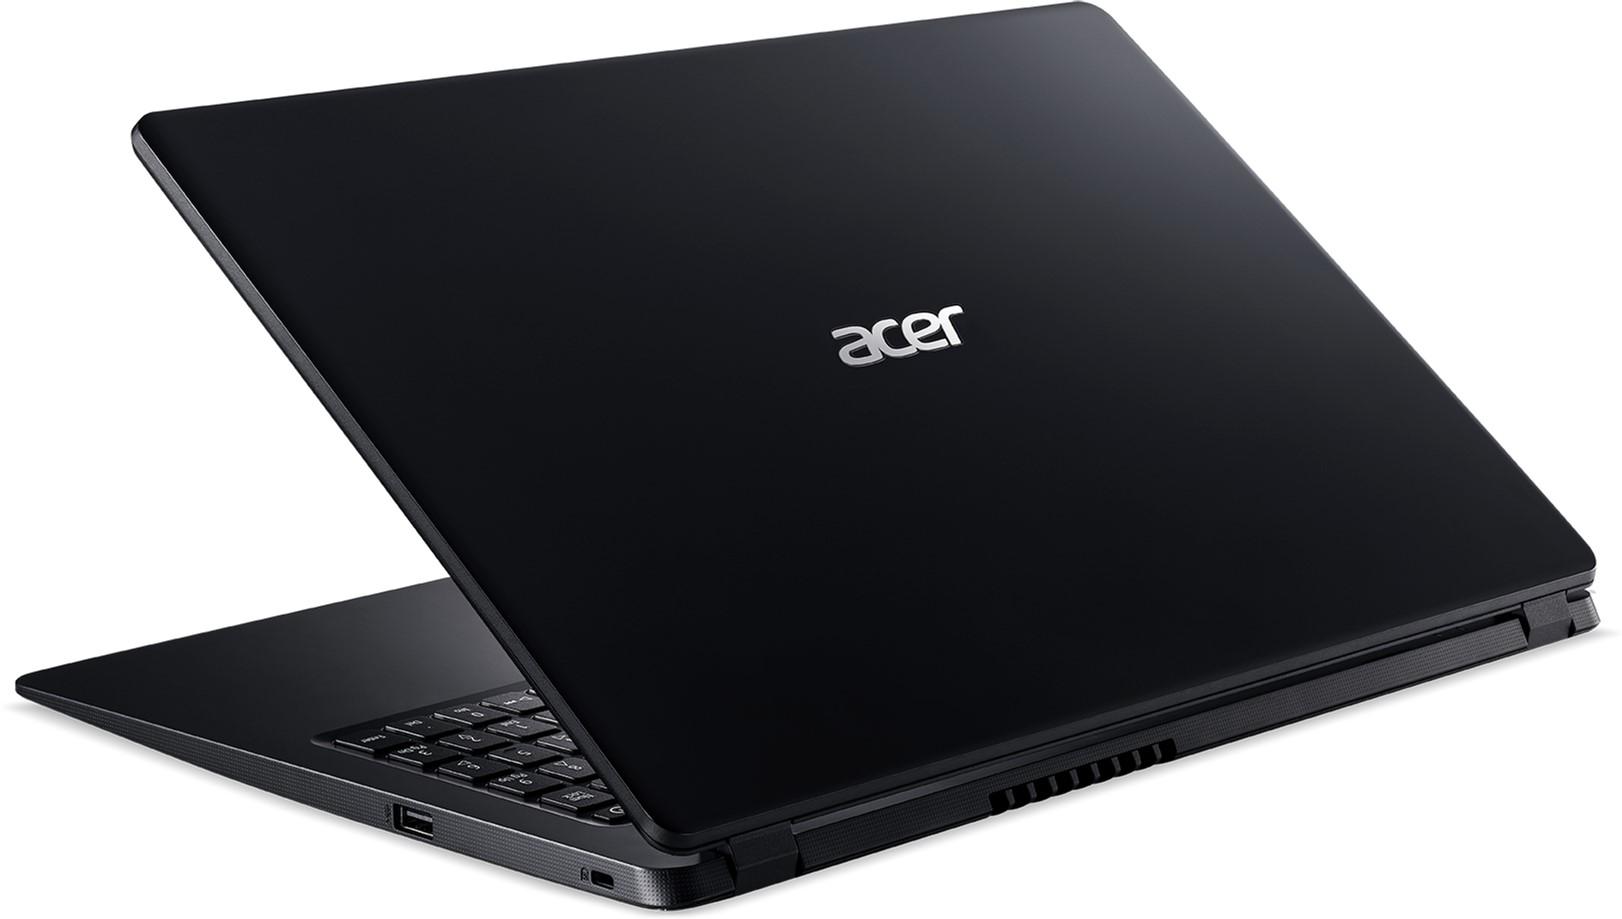 Так выглядит ноутбук Acer Aspire 3 A315-42